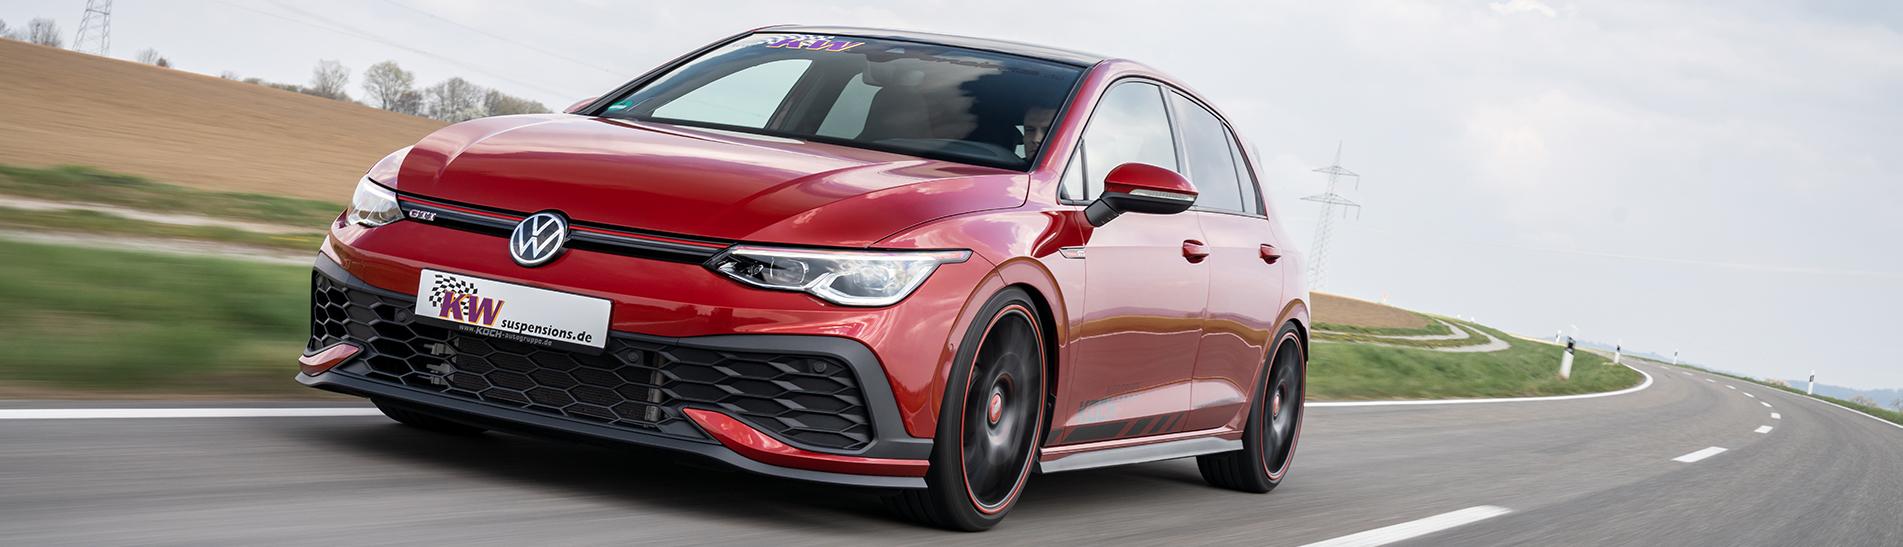 Laut Teilegutachten garantieren die KW Gewindefahrwerke Variante 1, Variante 2, Variante 3, Clubsport und DDC plug&play eine maximale Tieferlegung von 45 Millimeter im VW Golf 8 GTI inklusive GTI Clubsport.